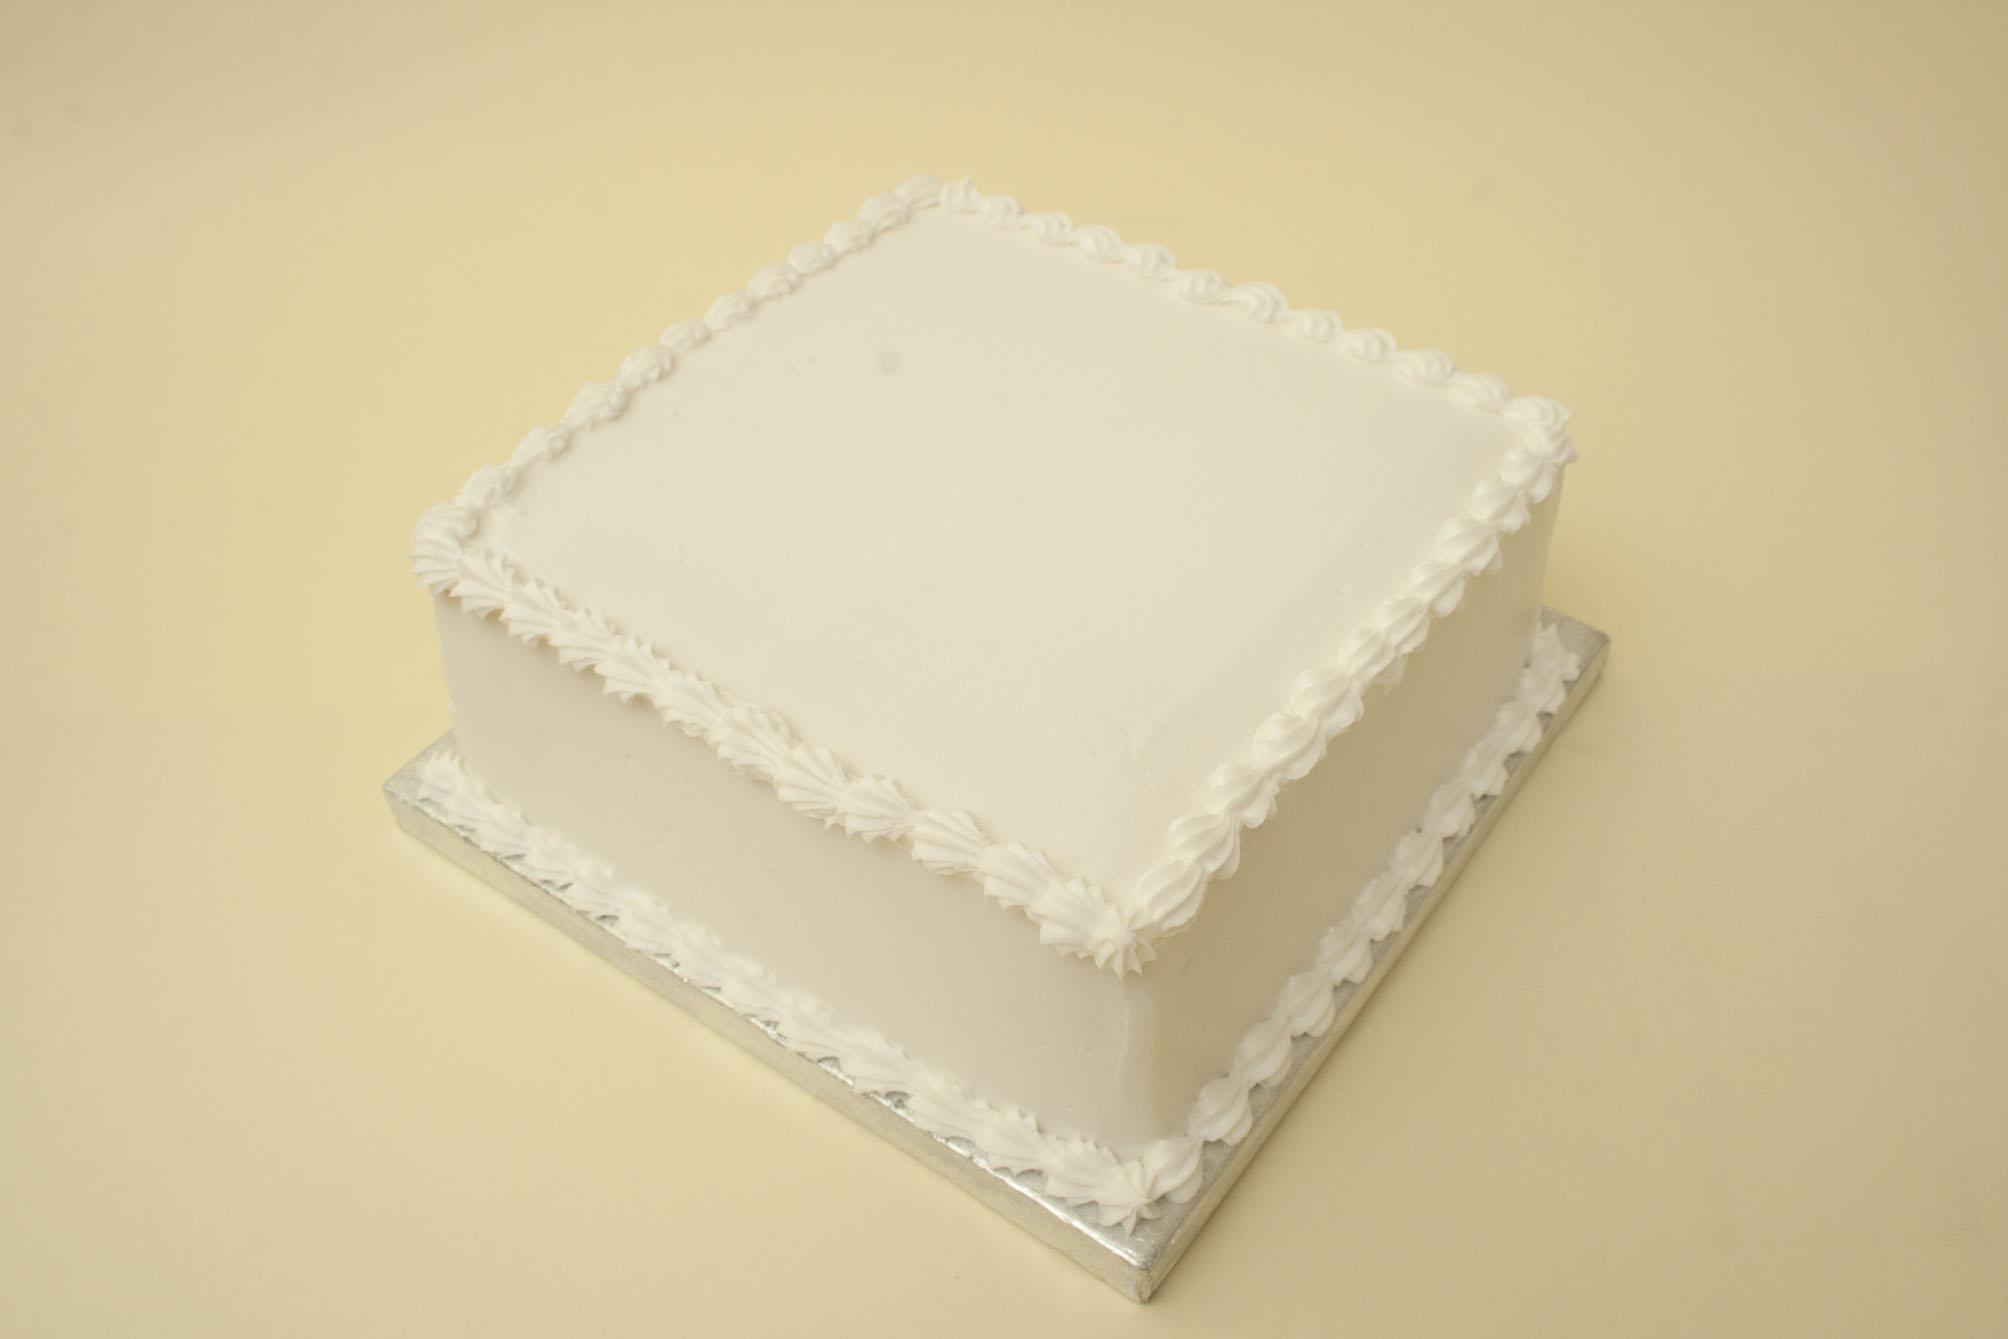 https://caroldeaconcakes.com/tutorials/royal-icing-a-square-cake/